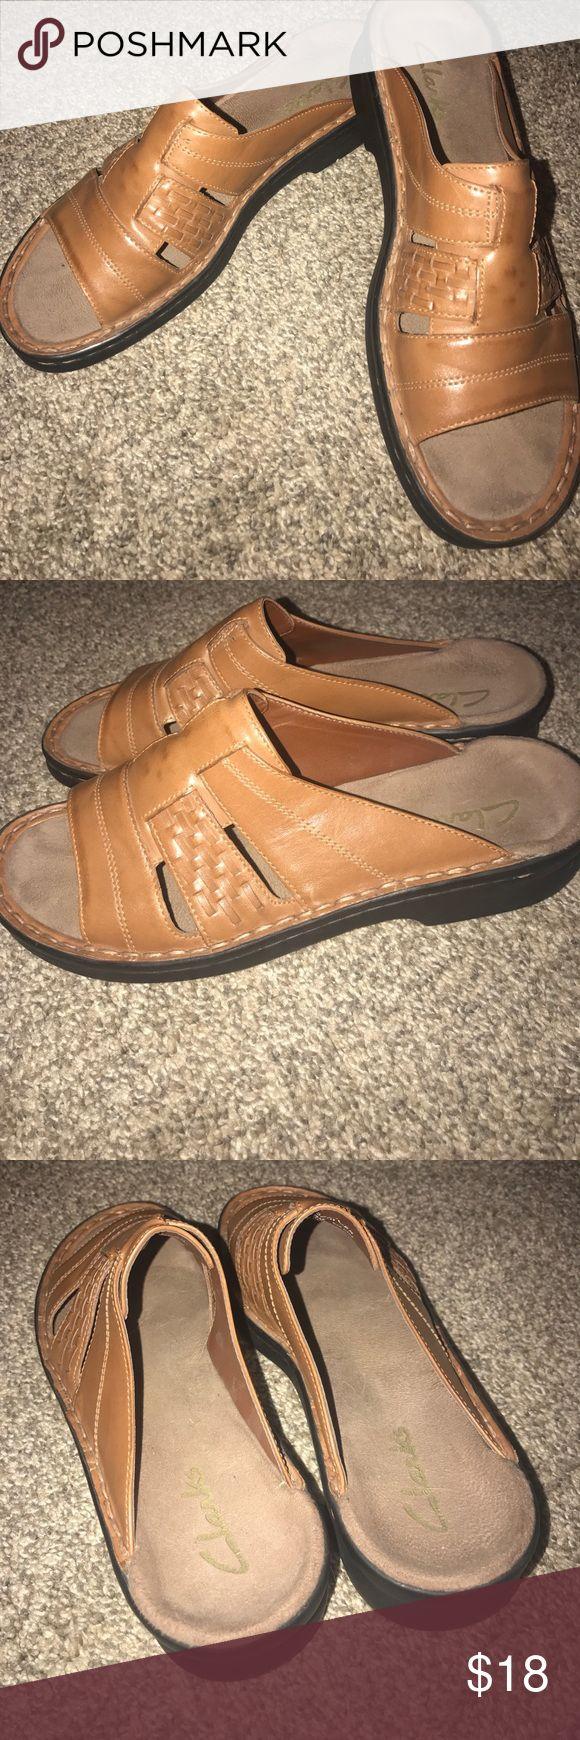 Clarks sandals Size 8 good condition Clarks Shoes Sandals